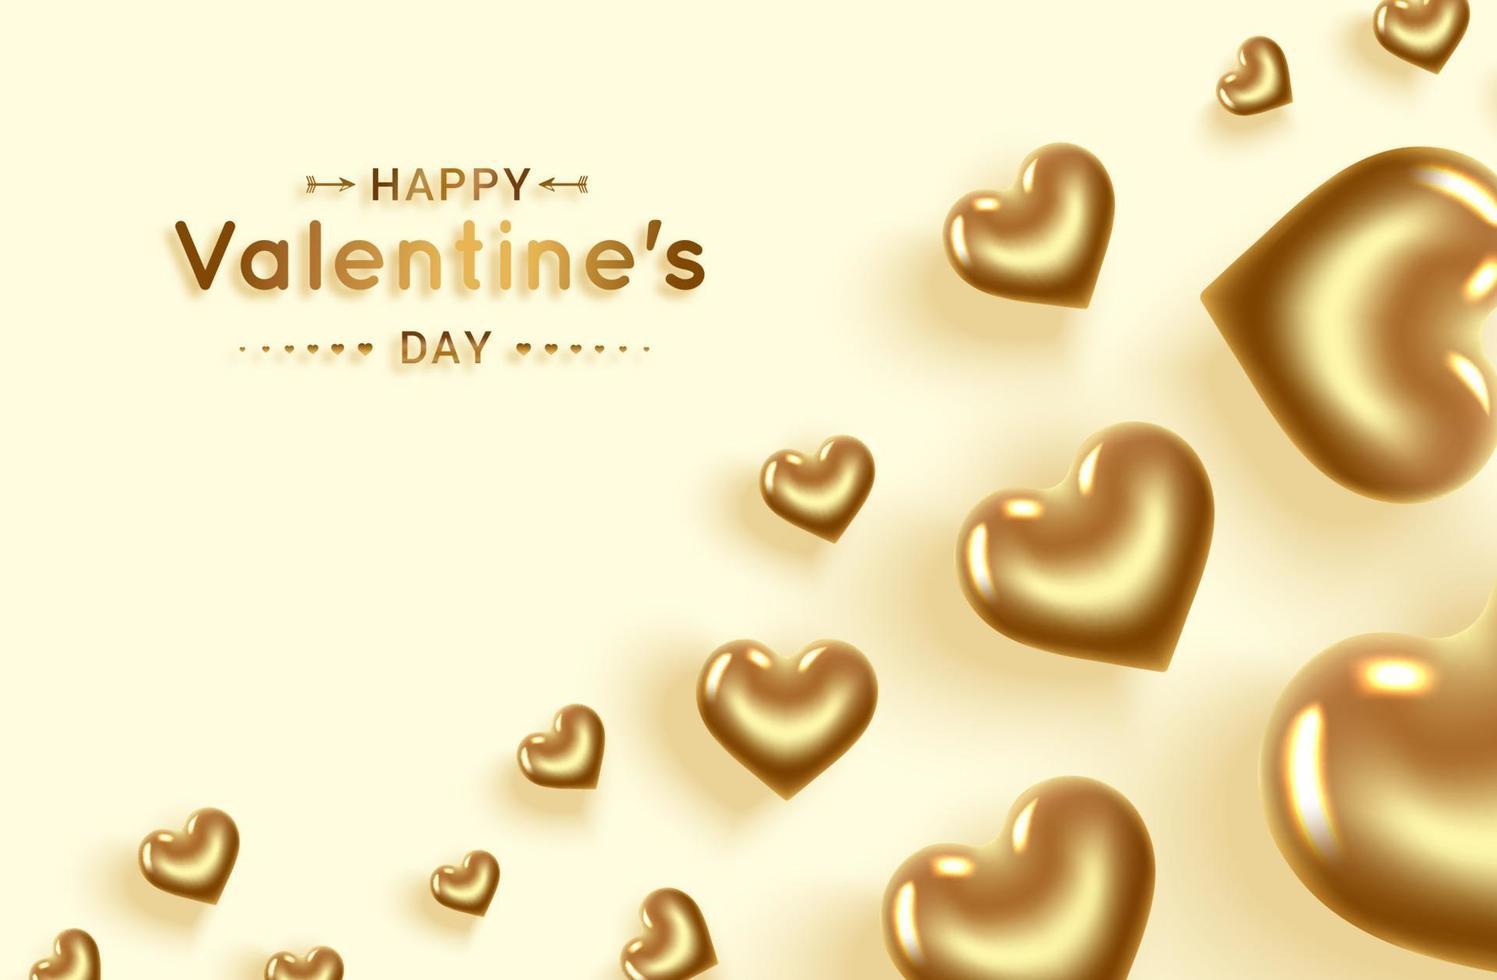 fröhlichen Valentinstag. Goldherzenfahne mit Platz für Text. vektor